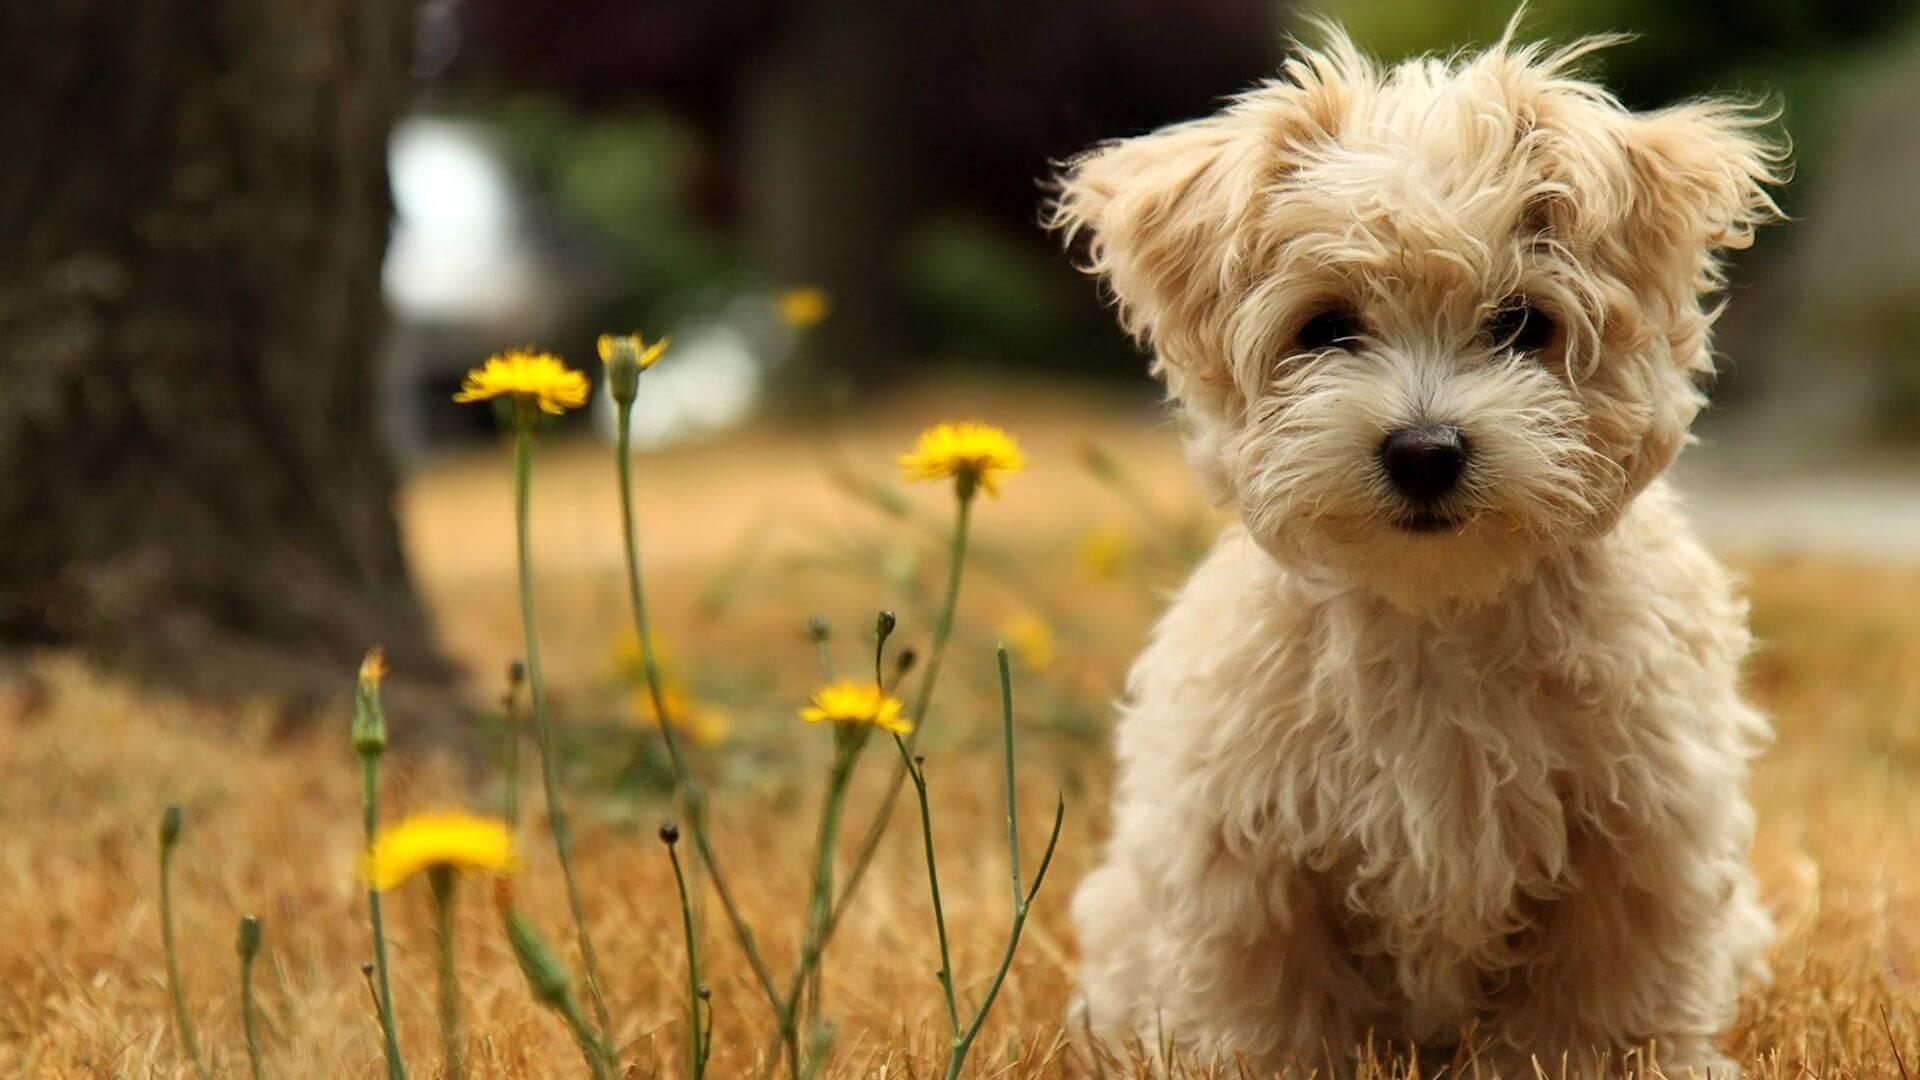 Hình nền cún con vui vẻ hạnh phúc